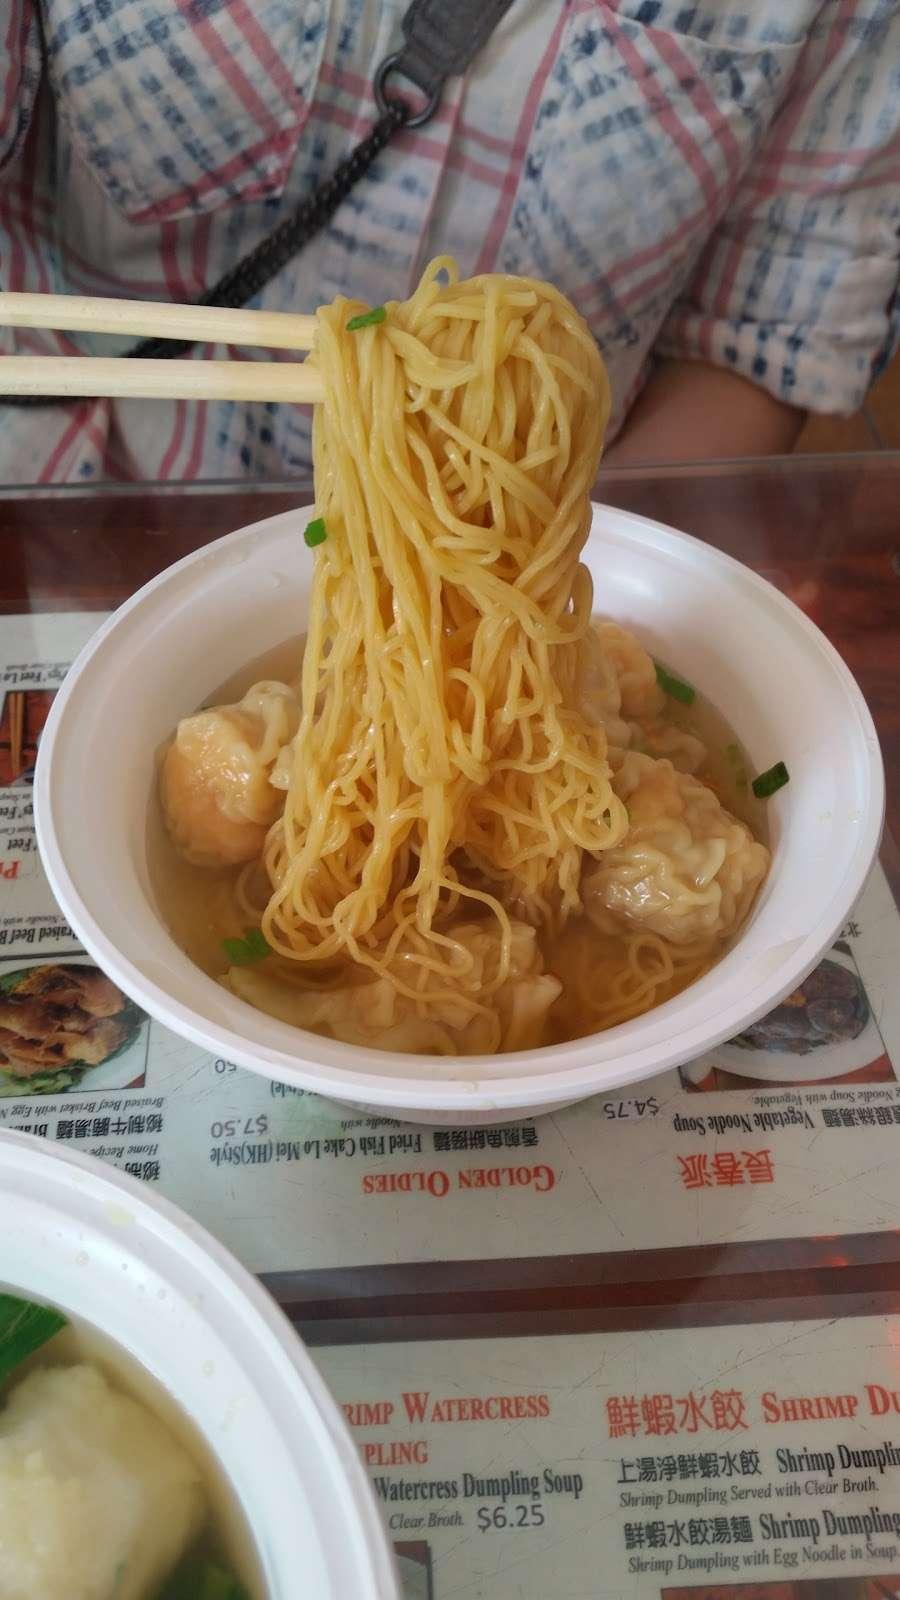 Sifu Chio - restaurant  | Photo 7 of 10 | Address: 40-09 Prince St, Flushing, NY 11354, USA | Phone: (718) 888-9295